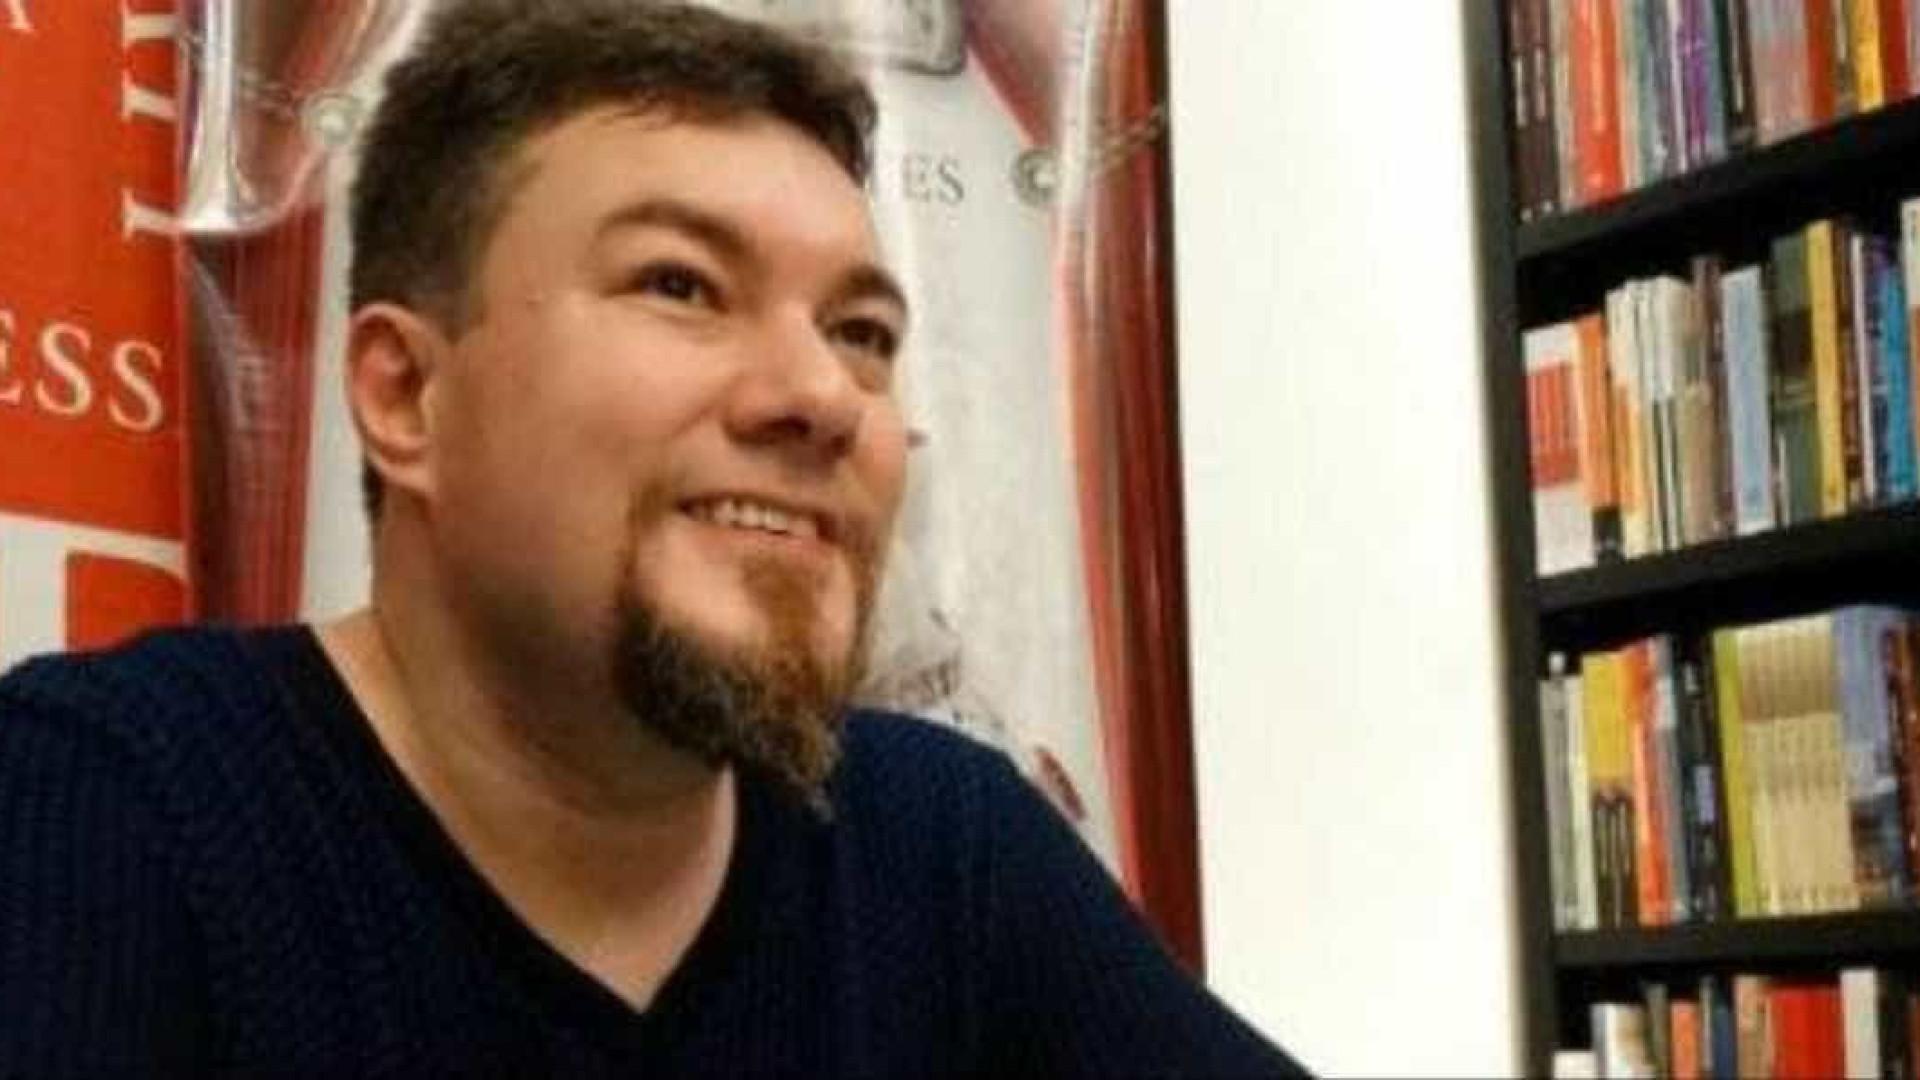 Morre, aos 48 anos, escritor de 'Malhação' e 'A Grande Família'